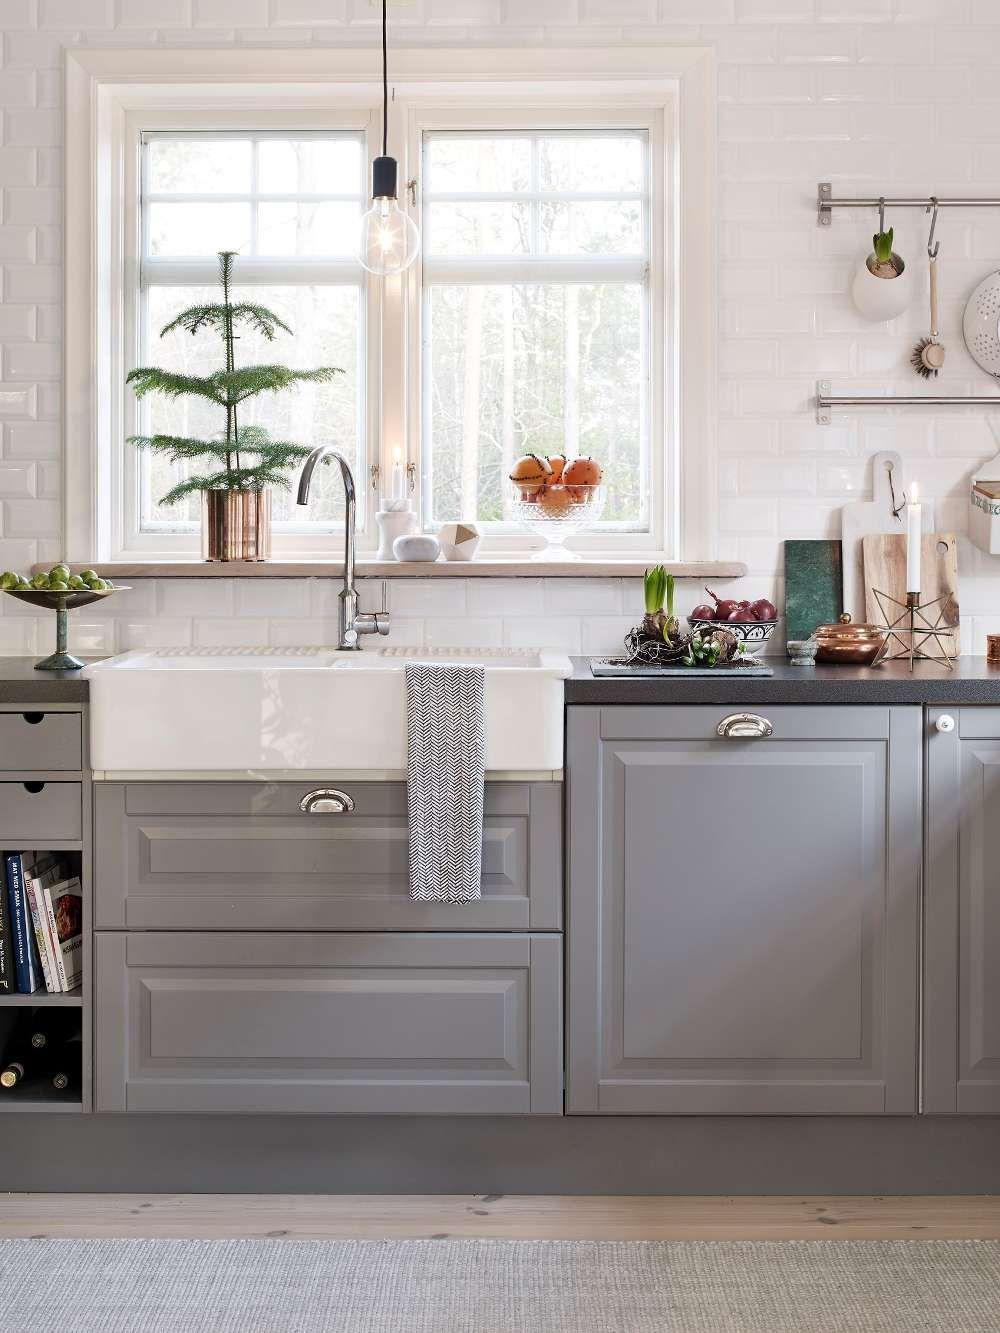 OMBONAD JUL I SKÄRGÅRDSHUSET: Köket har luckor i mjukt grått som ...